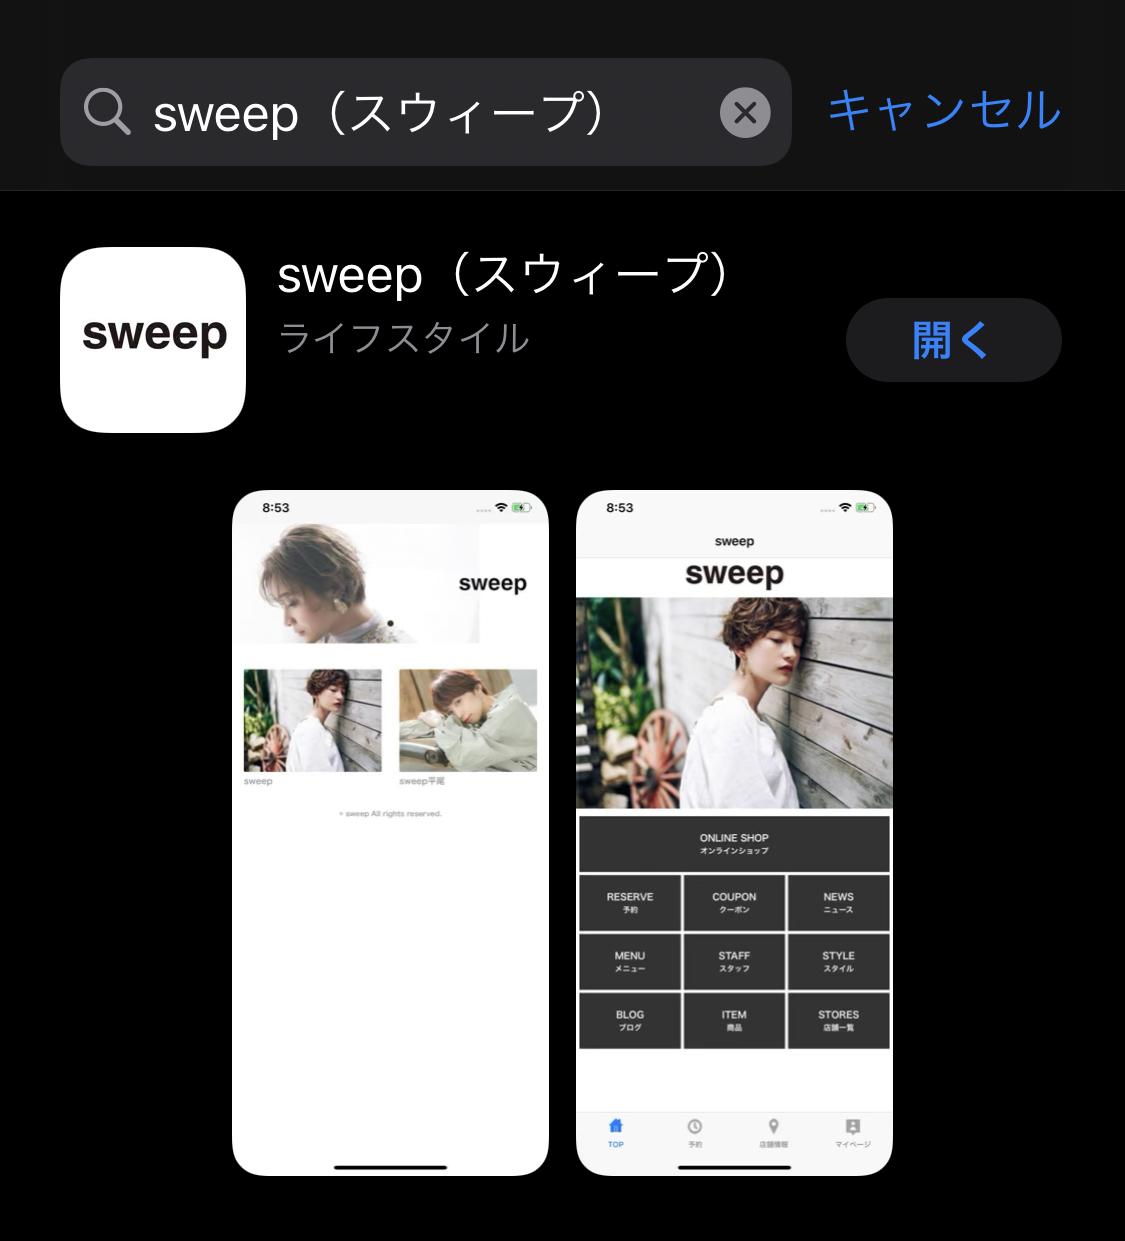 sweepオリジナルアプリがオススメ【よりお得に♪便利に♪】